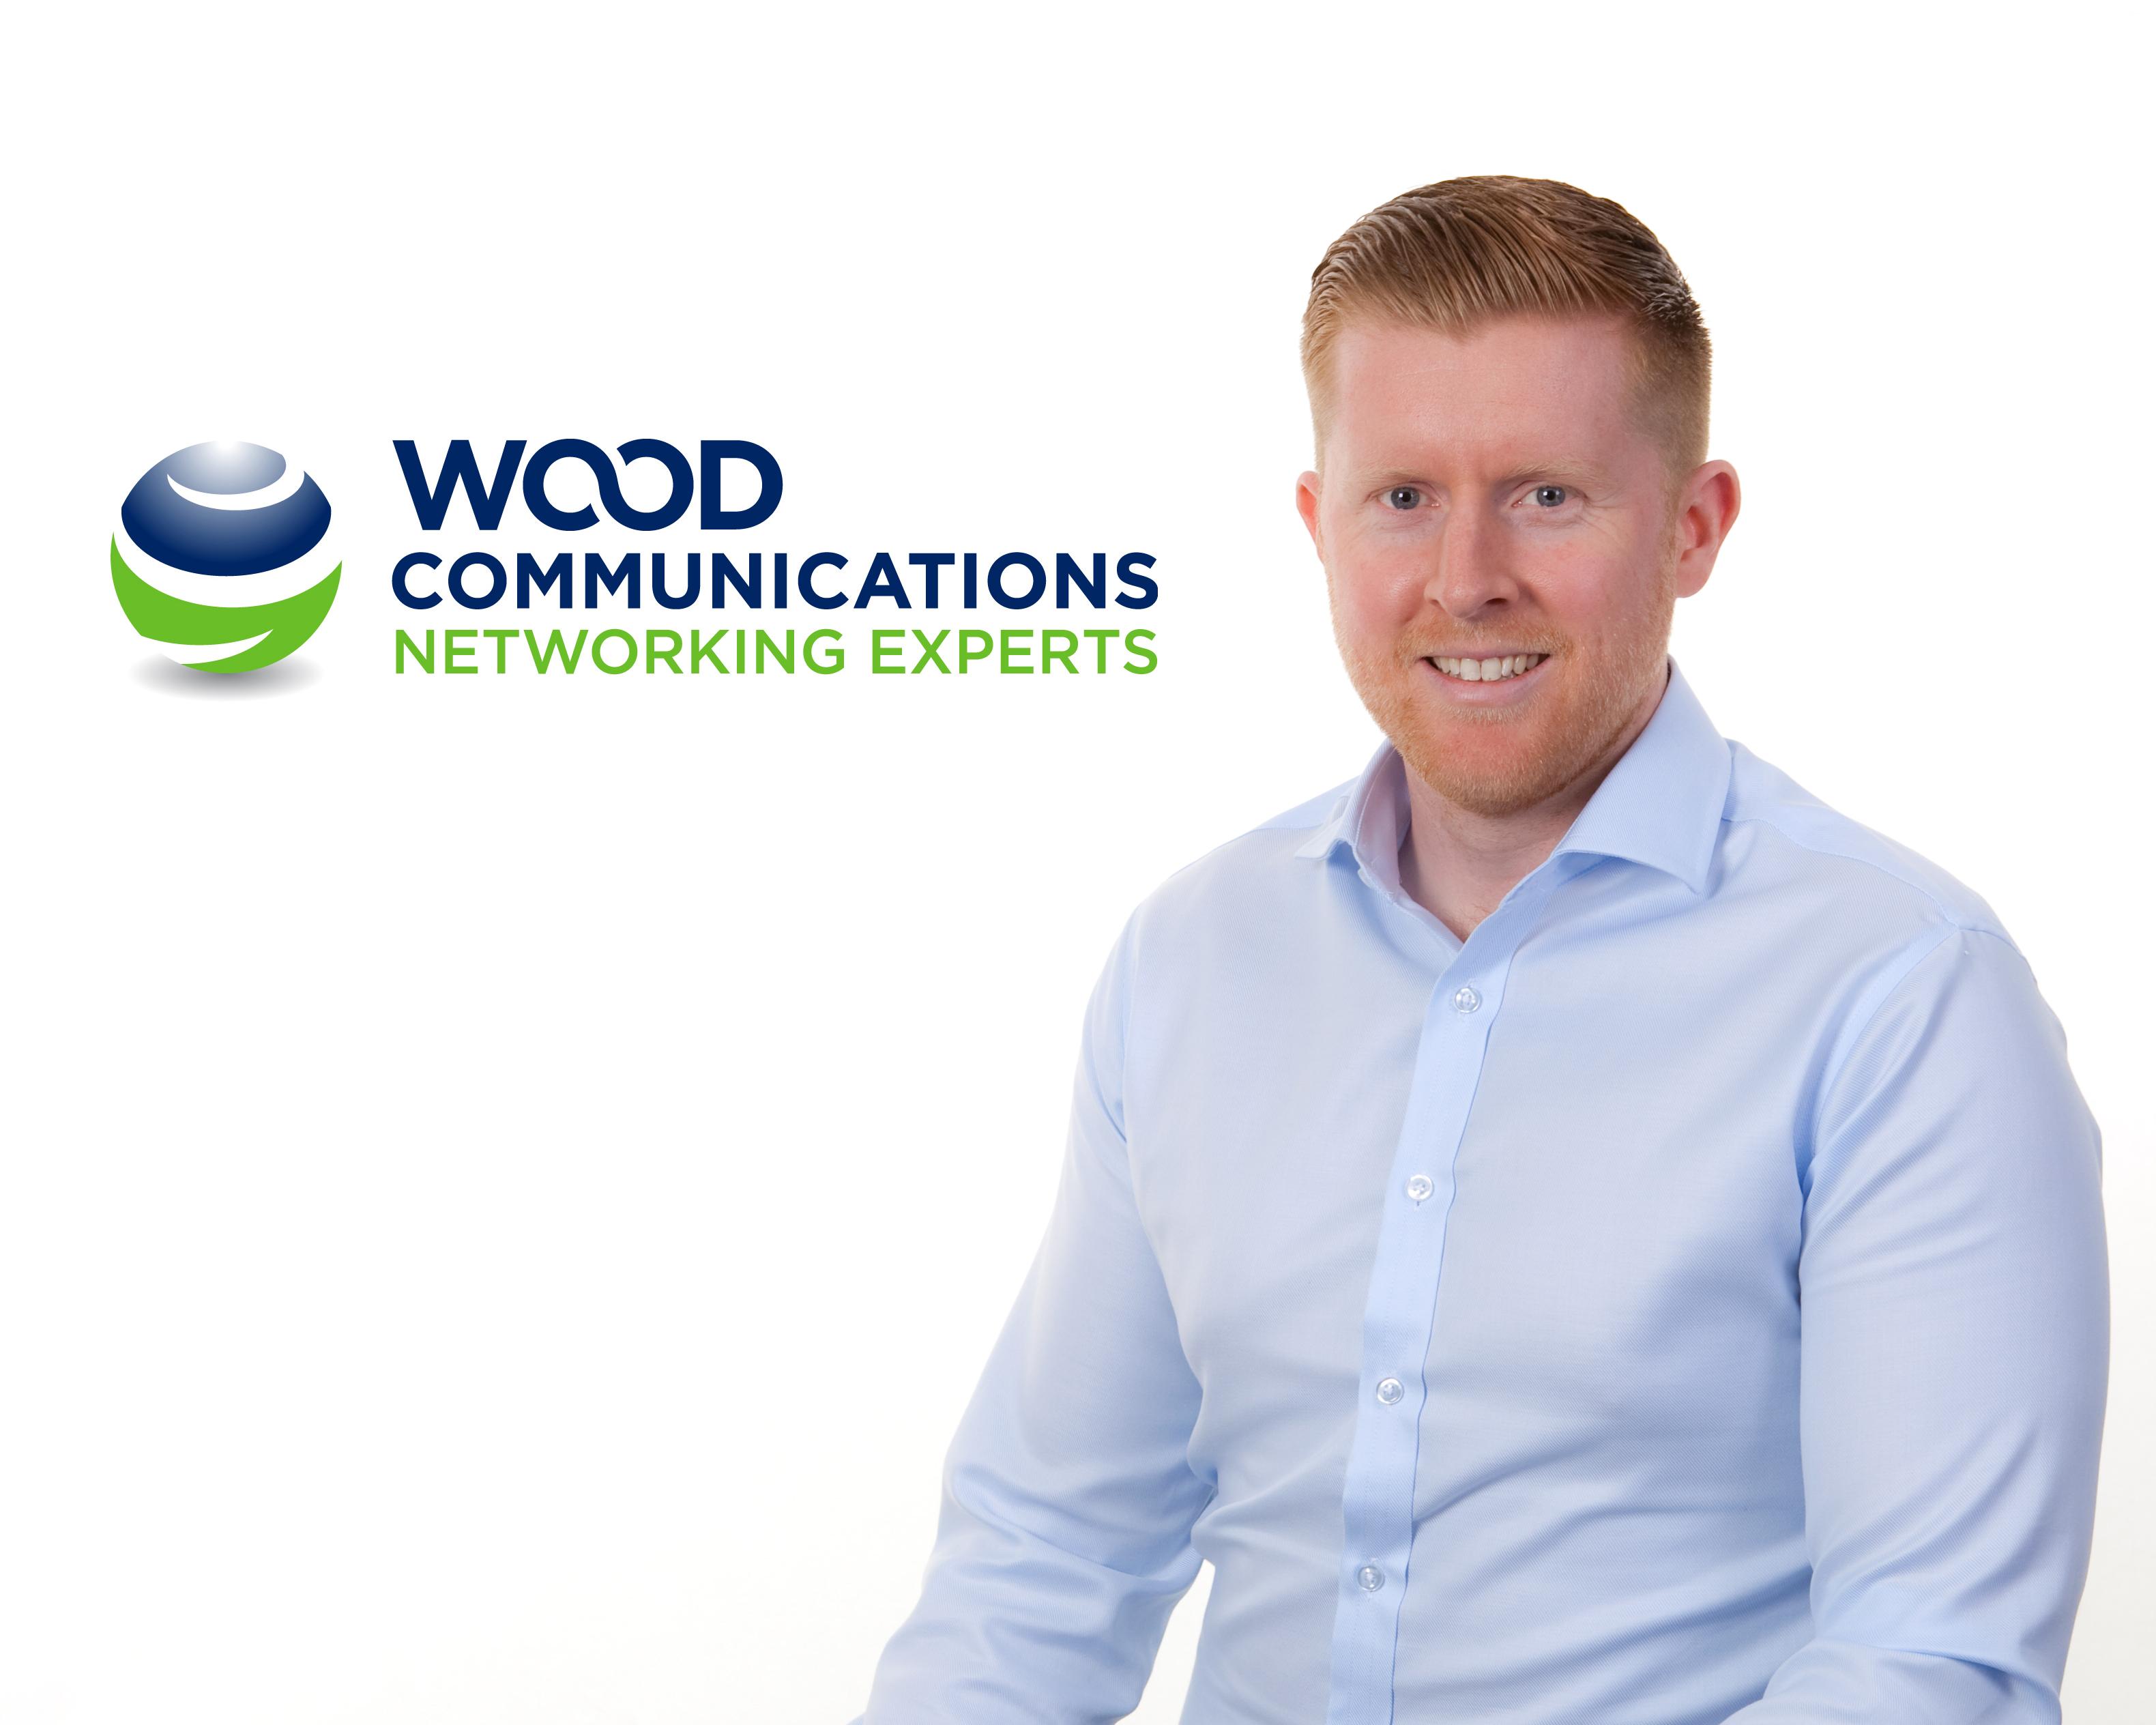 12. Gary Allen - wood communications networking expert